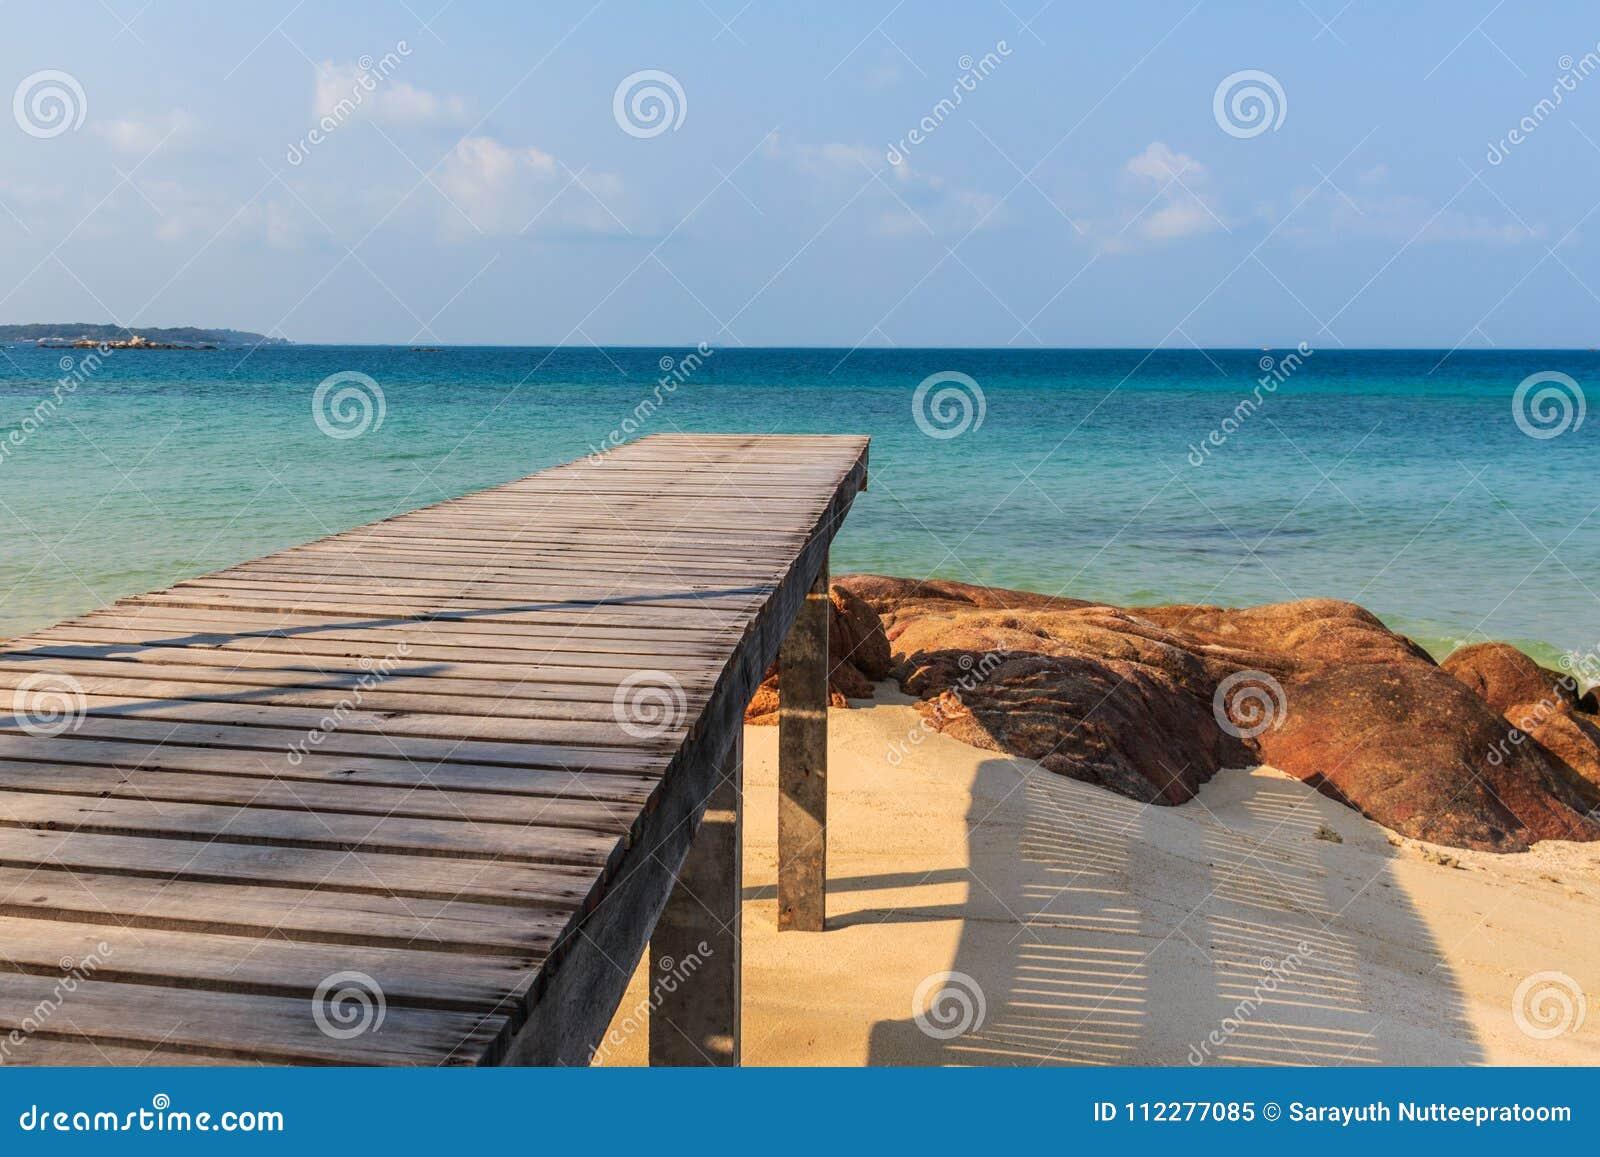 Wooden pathway at Mun Nork Island, Rayong Thailand